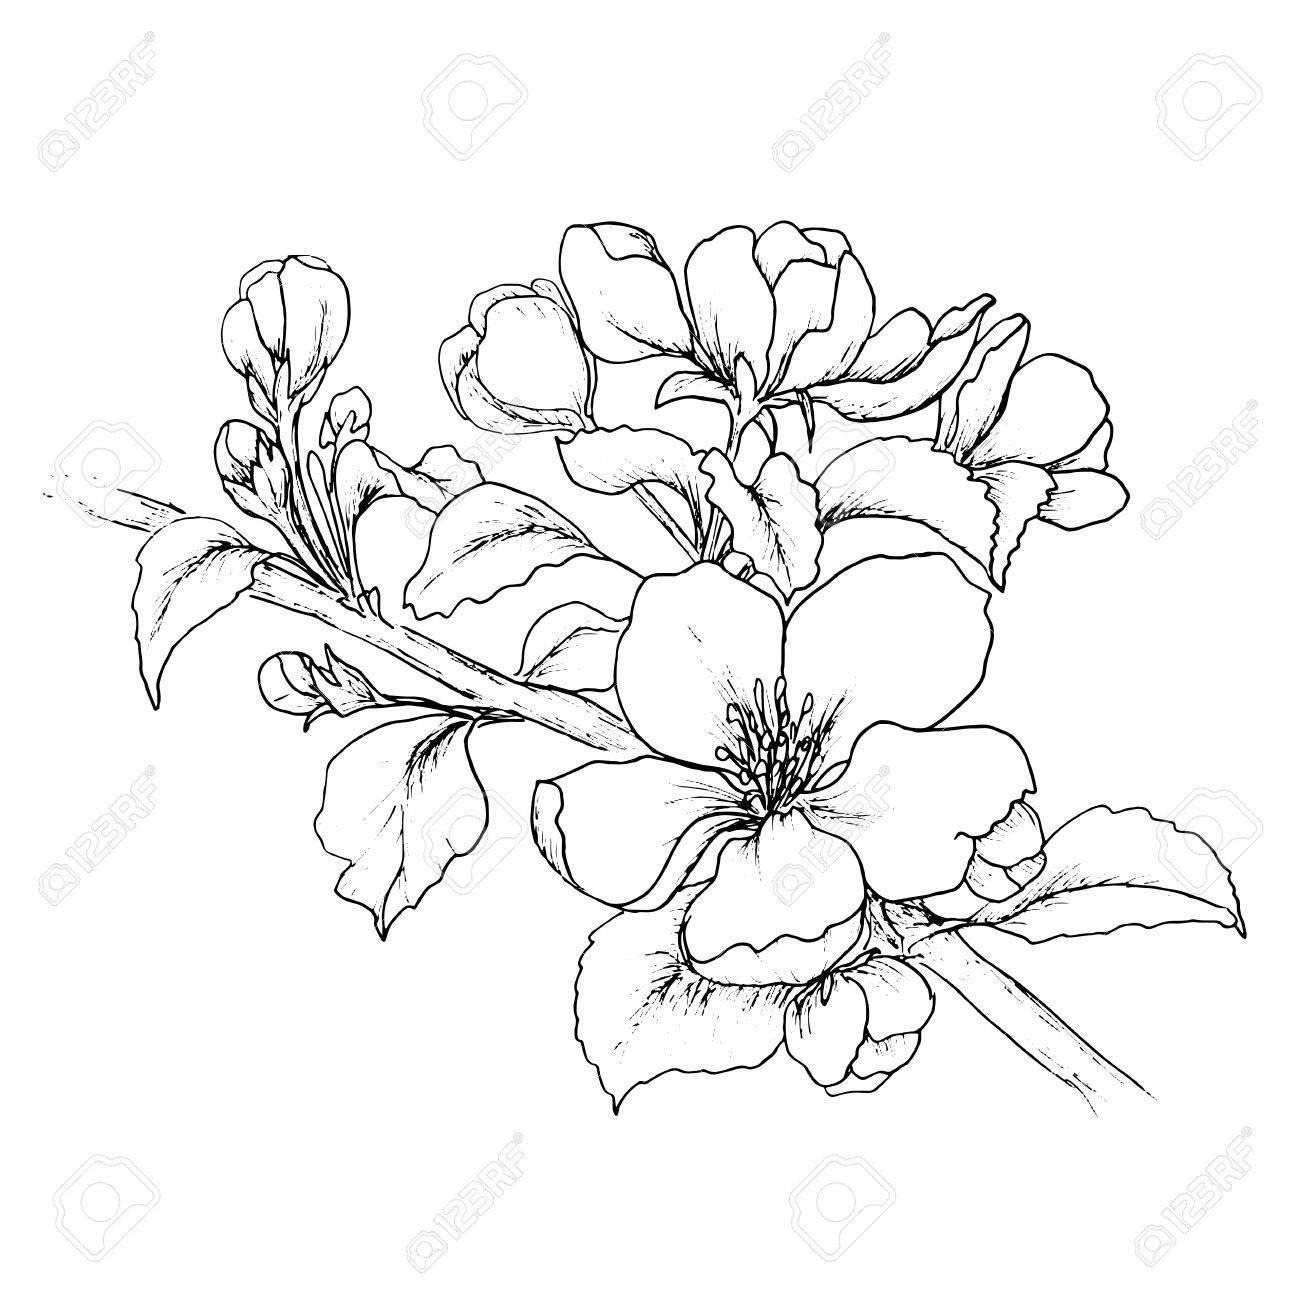 Main Branche Dessinee De Fleur De Cerisier Isole Sur Fond Blanc Banque D Images 54447694 Croquis De Fleurs Peinture De Cerisiers En Fleur Dessin De Fleur